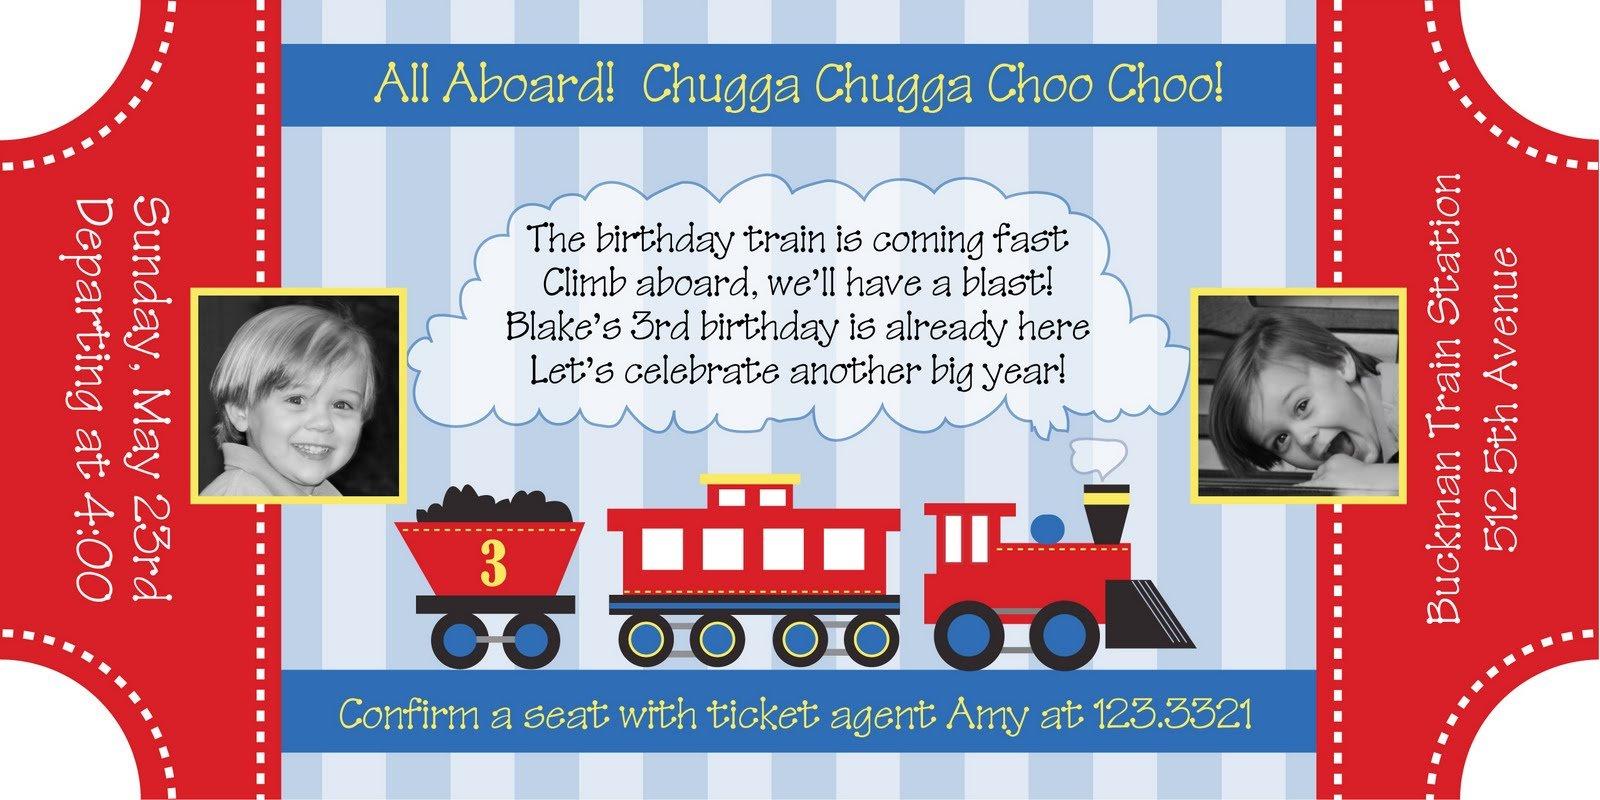 All Aboard The Choo Choo Train Party